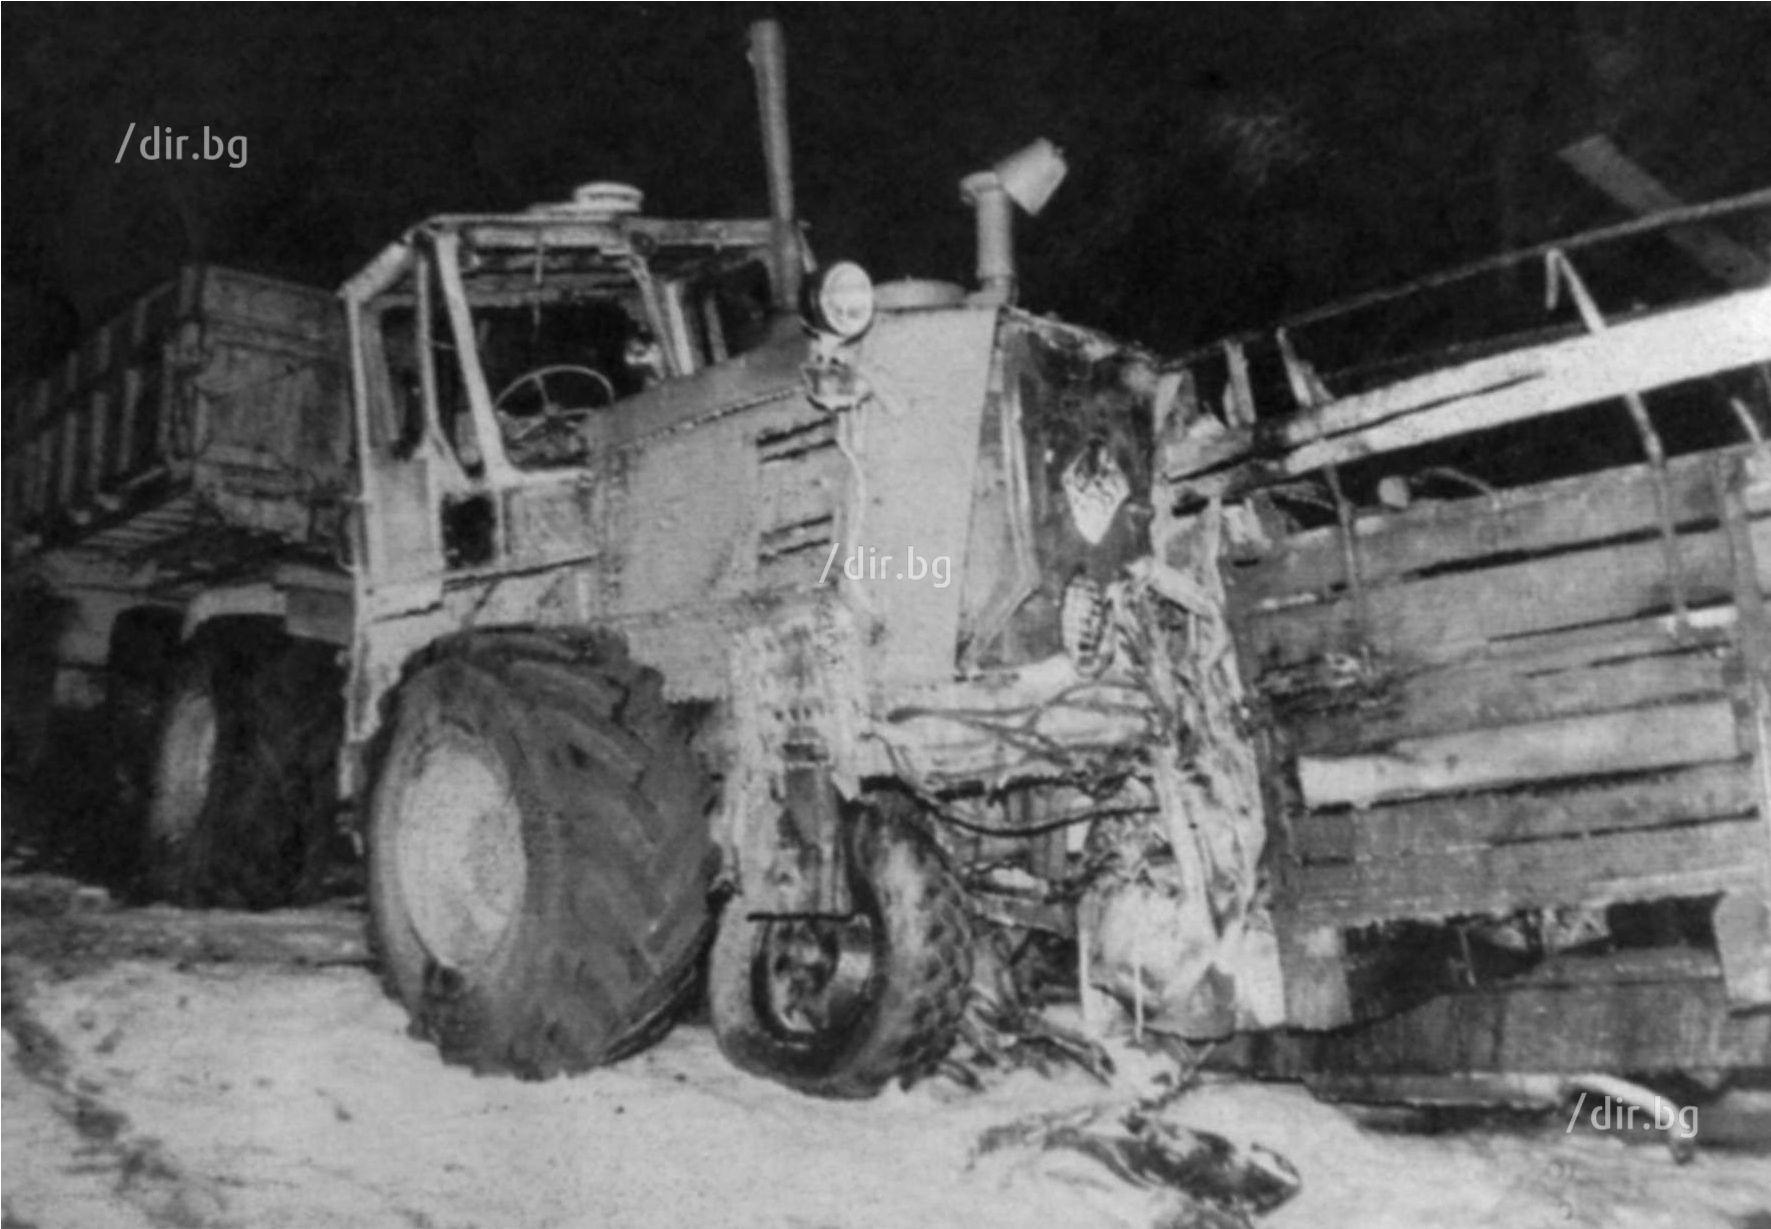 Смазаната до неузнаваемост кабина на газката след удара в трактора. Войниците в каросерията изгарят живи.